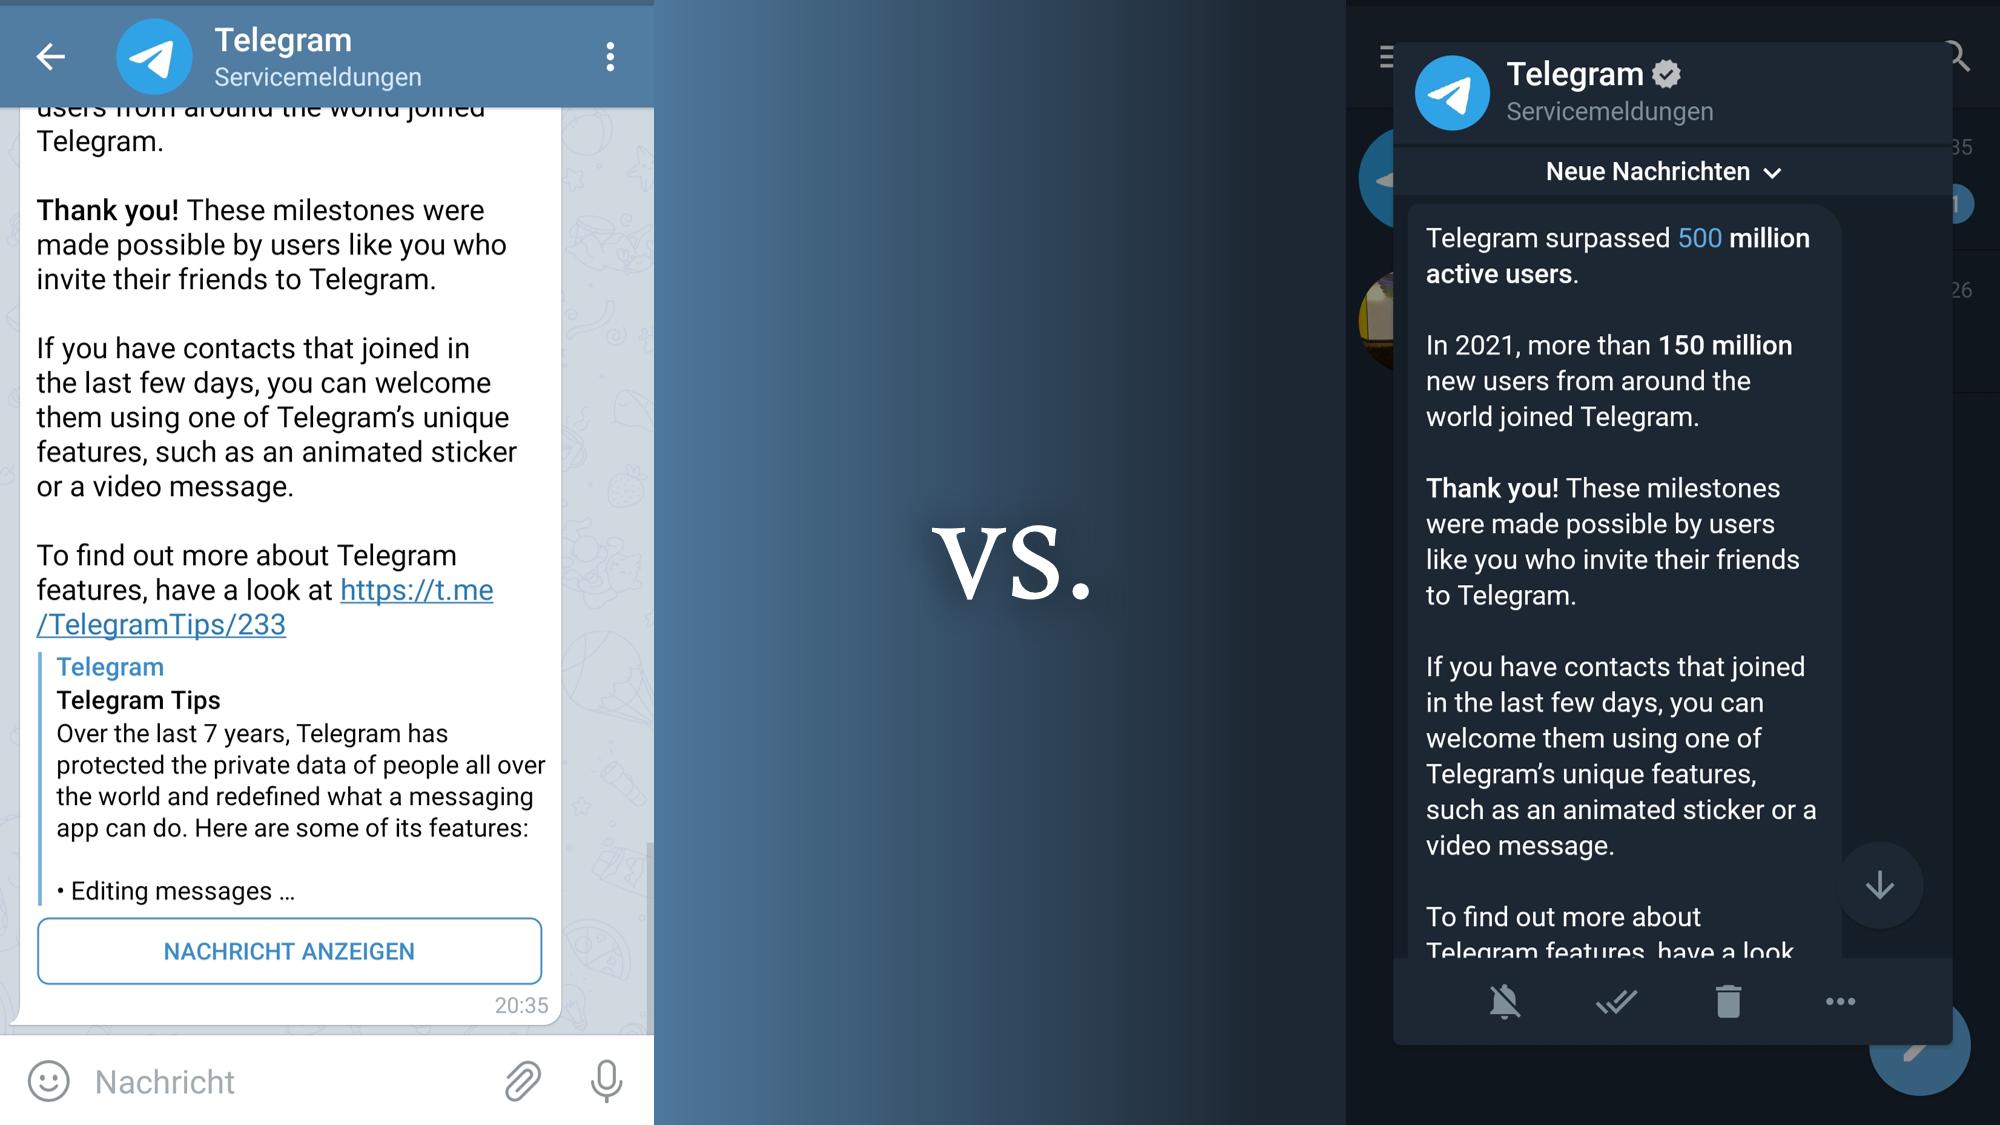 Telegram vs. Telegram X Das sind die Unterschiede   CHIP